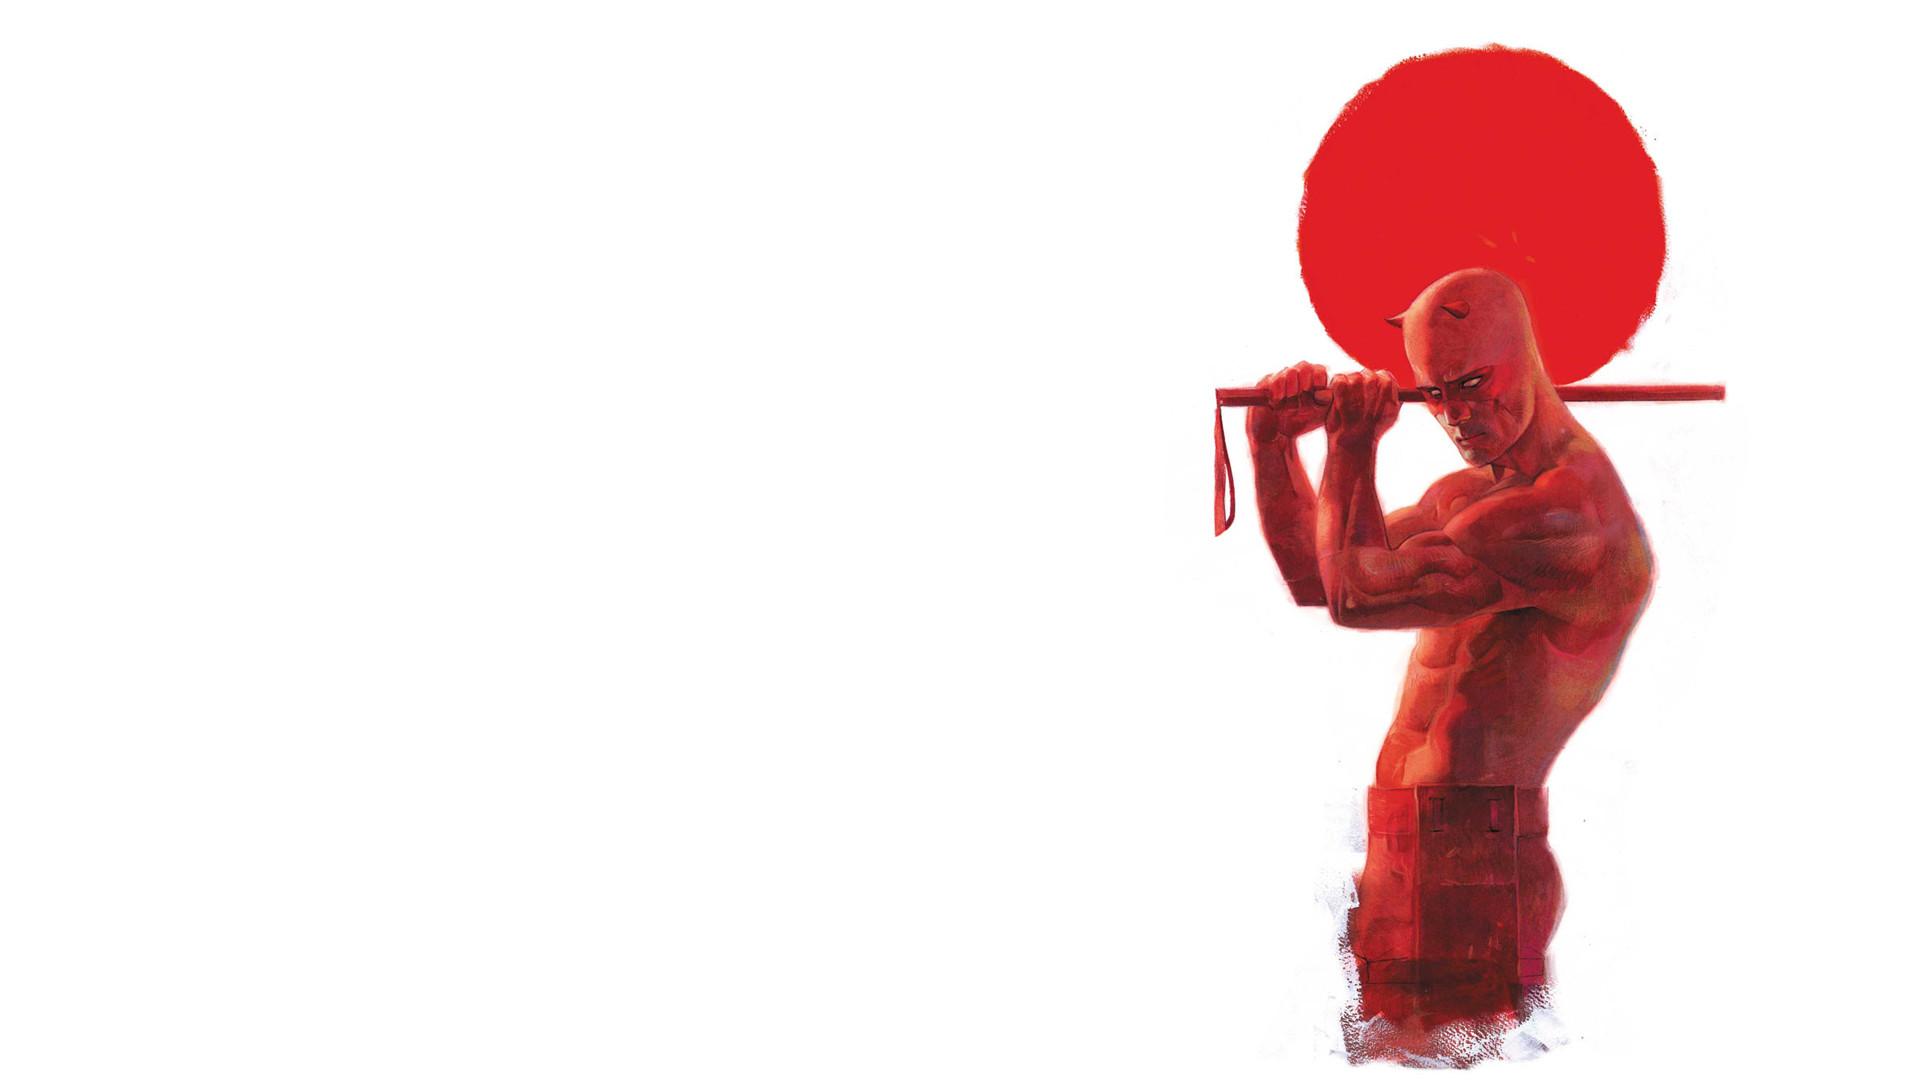 Daredevil Wallpaper HD #